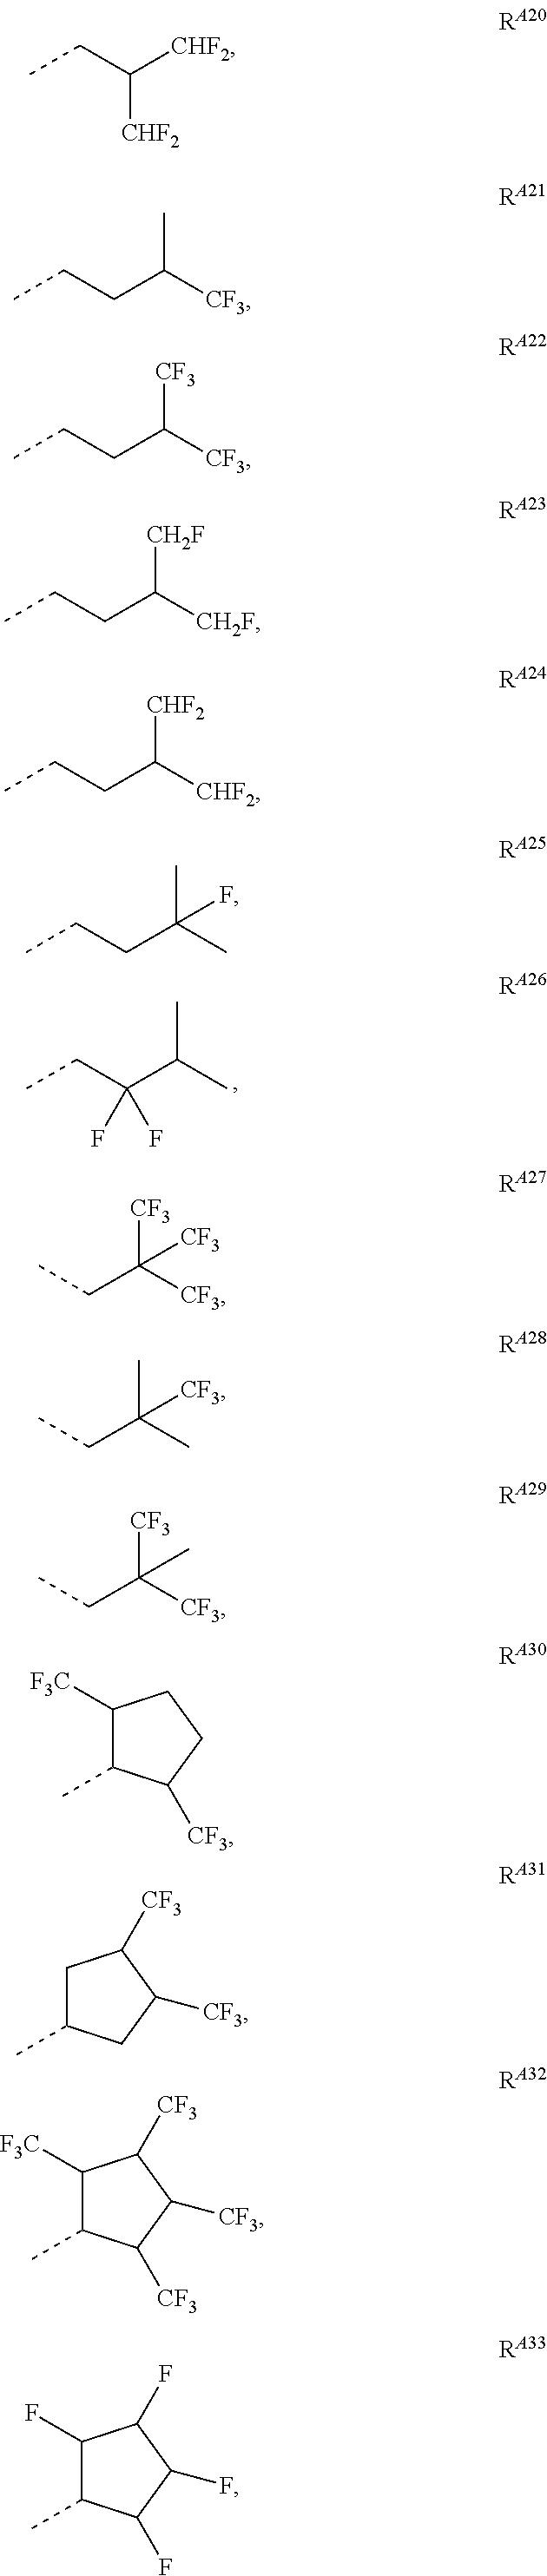 Figure US09859510-20180102-C00011